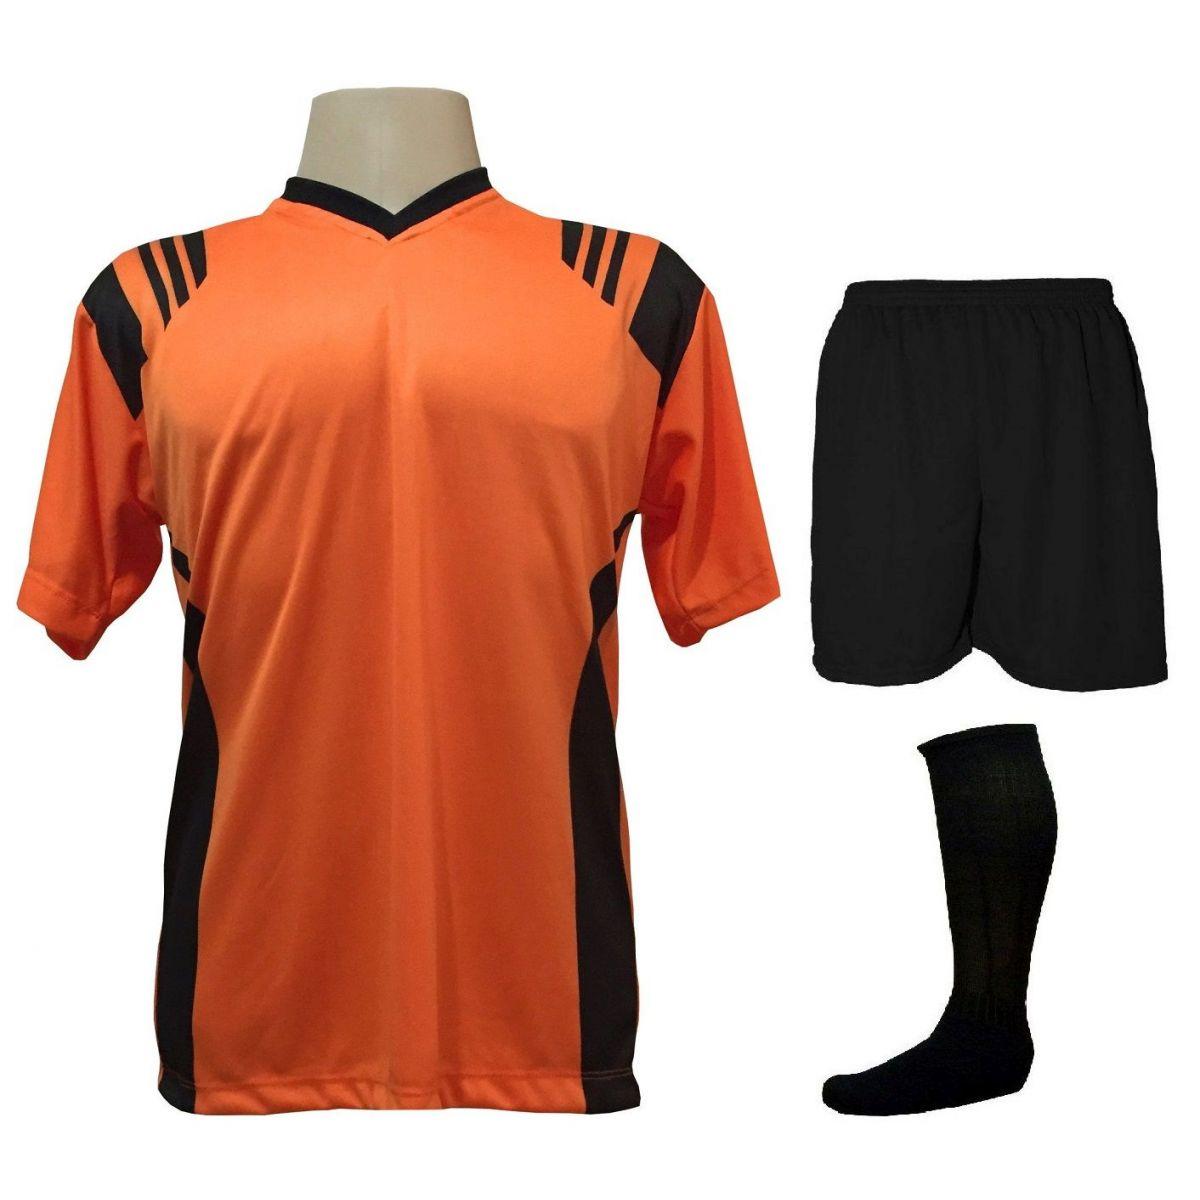 Uniforme Esportivo com 20 camisas modelo Roma Laranja/Preto + 20 calções modelo Madrid Preto + 20 pares de meiões Preto